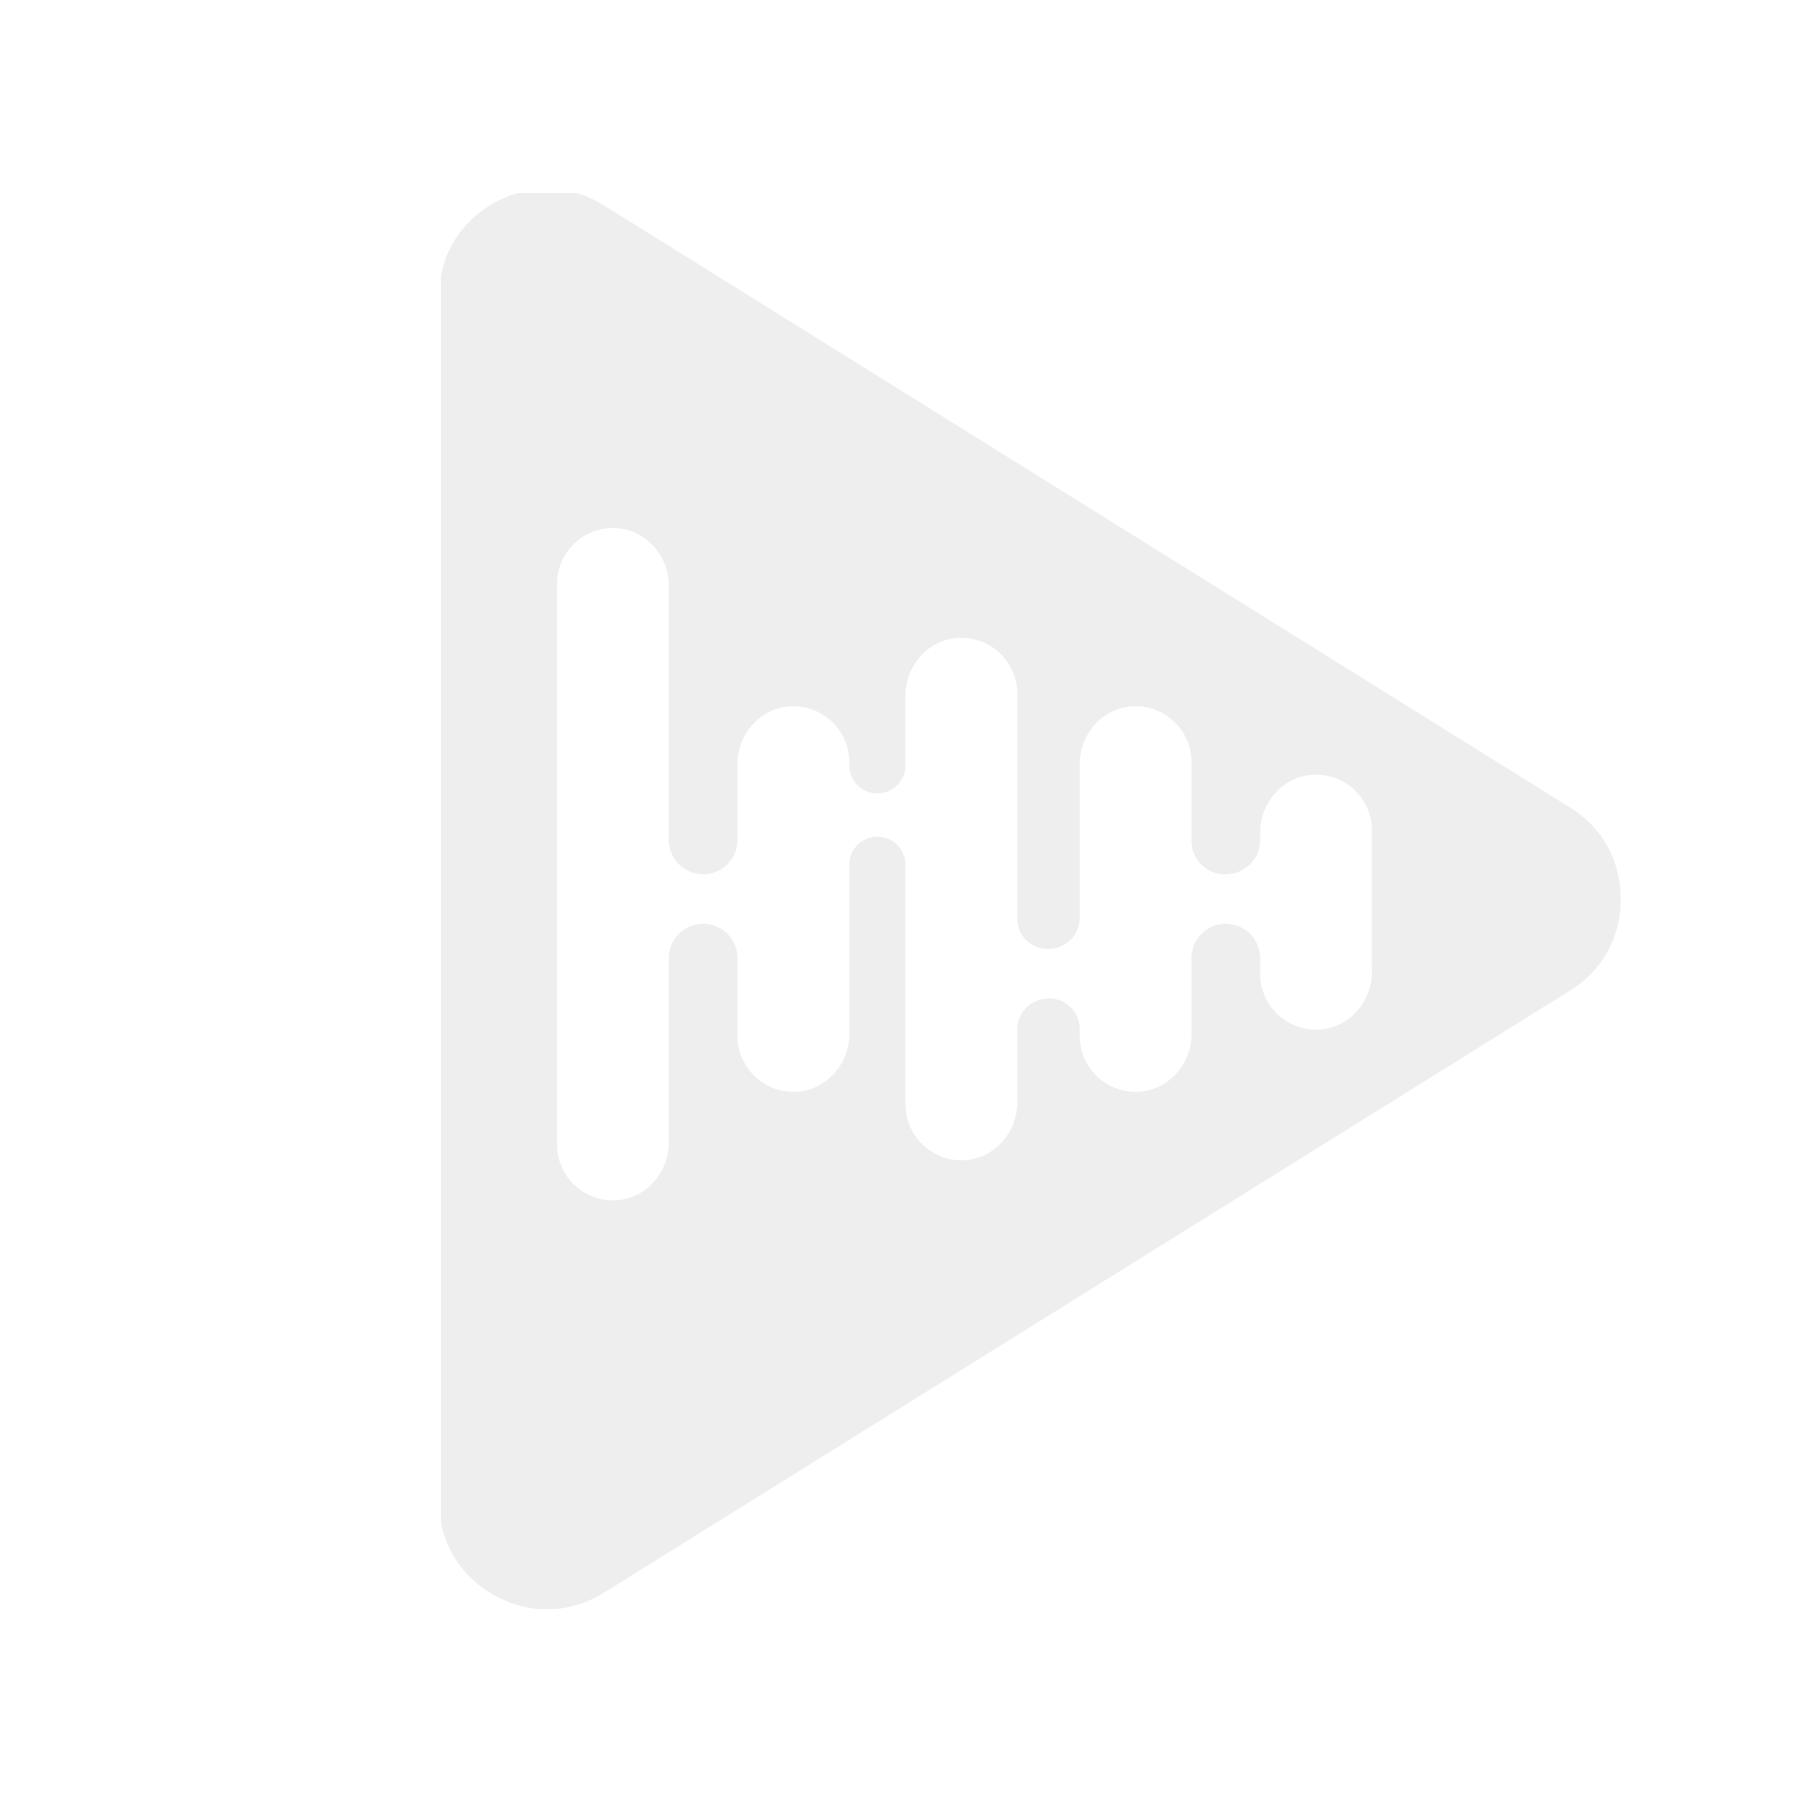 Hertz Mille Pro MP 300 D2.3 - 12